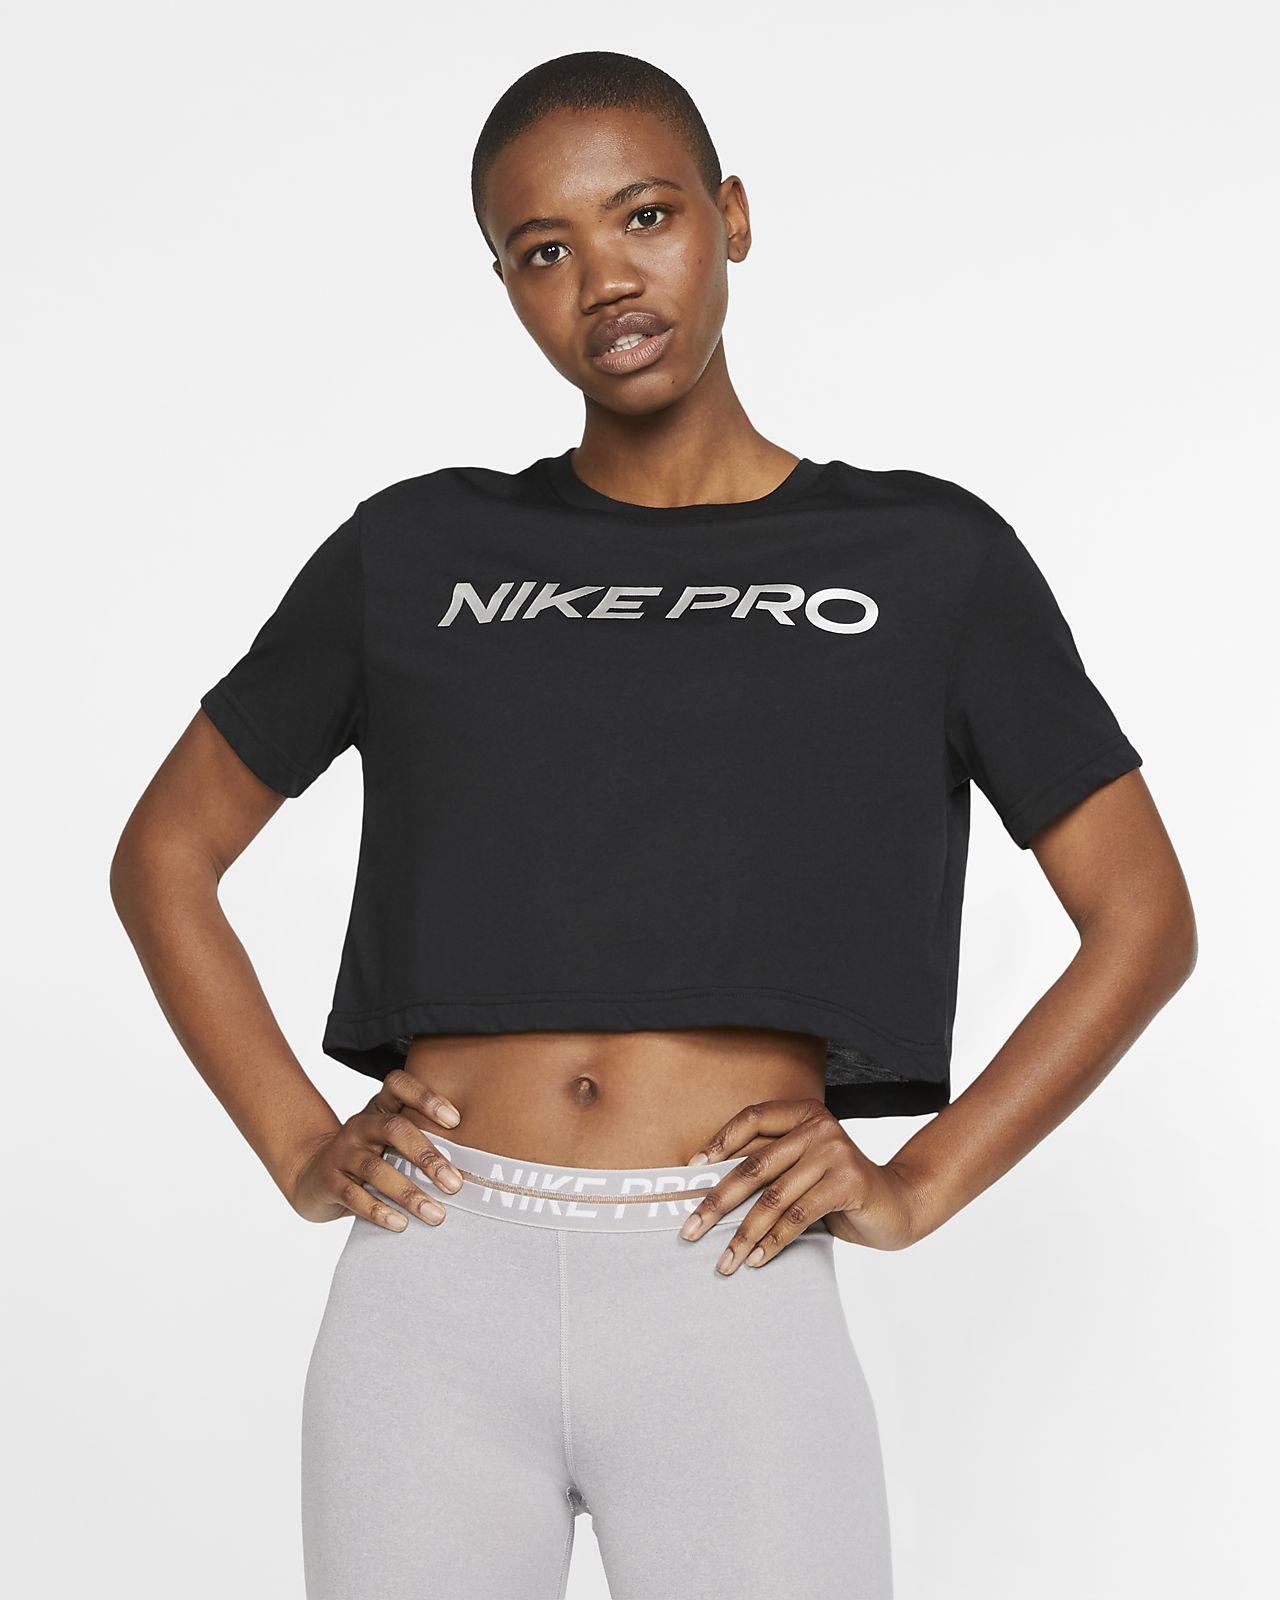 T-shirt da training Nike Dri-FIT - Donna